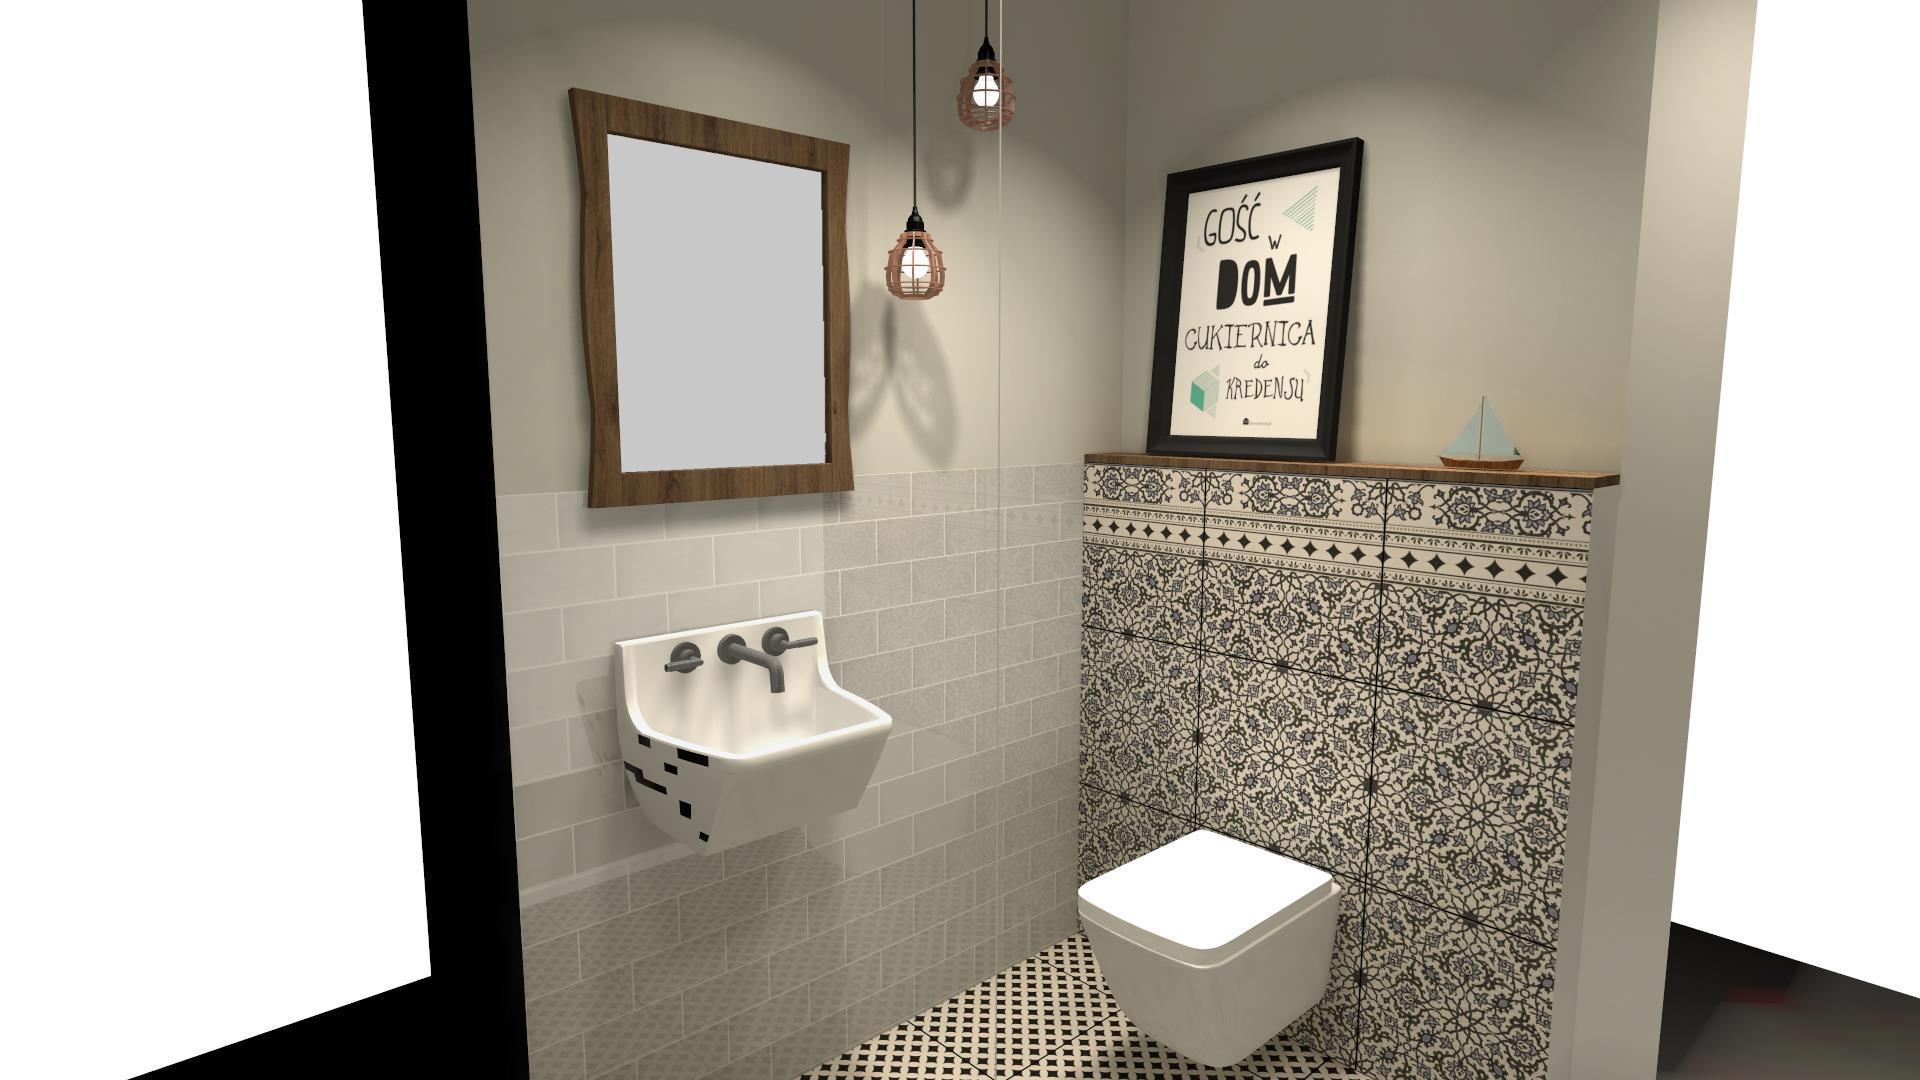 Płytki cegiełkiw łazience